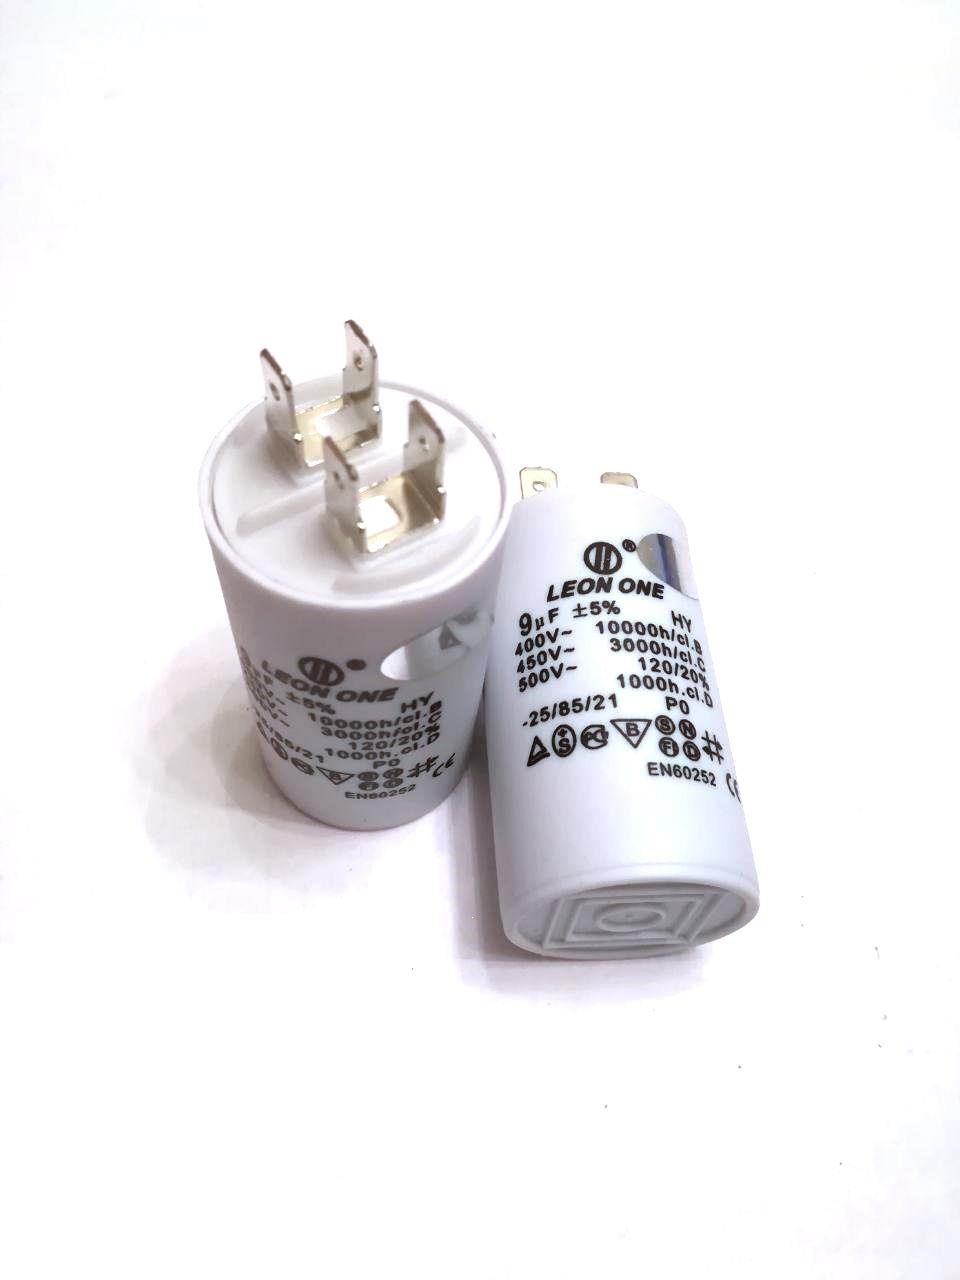 Конденсатор рабочий для электродвигателя CBB60 9uF 450V